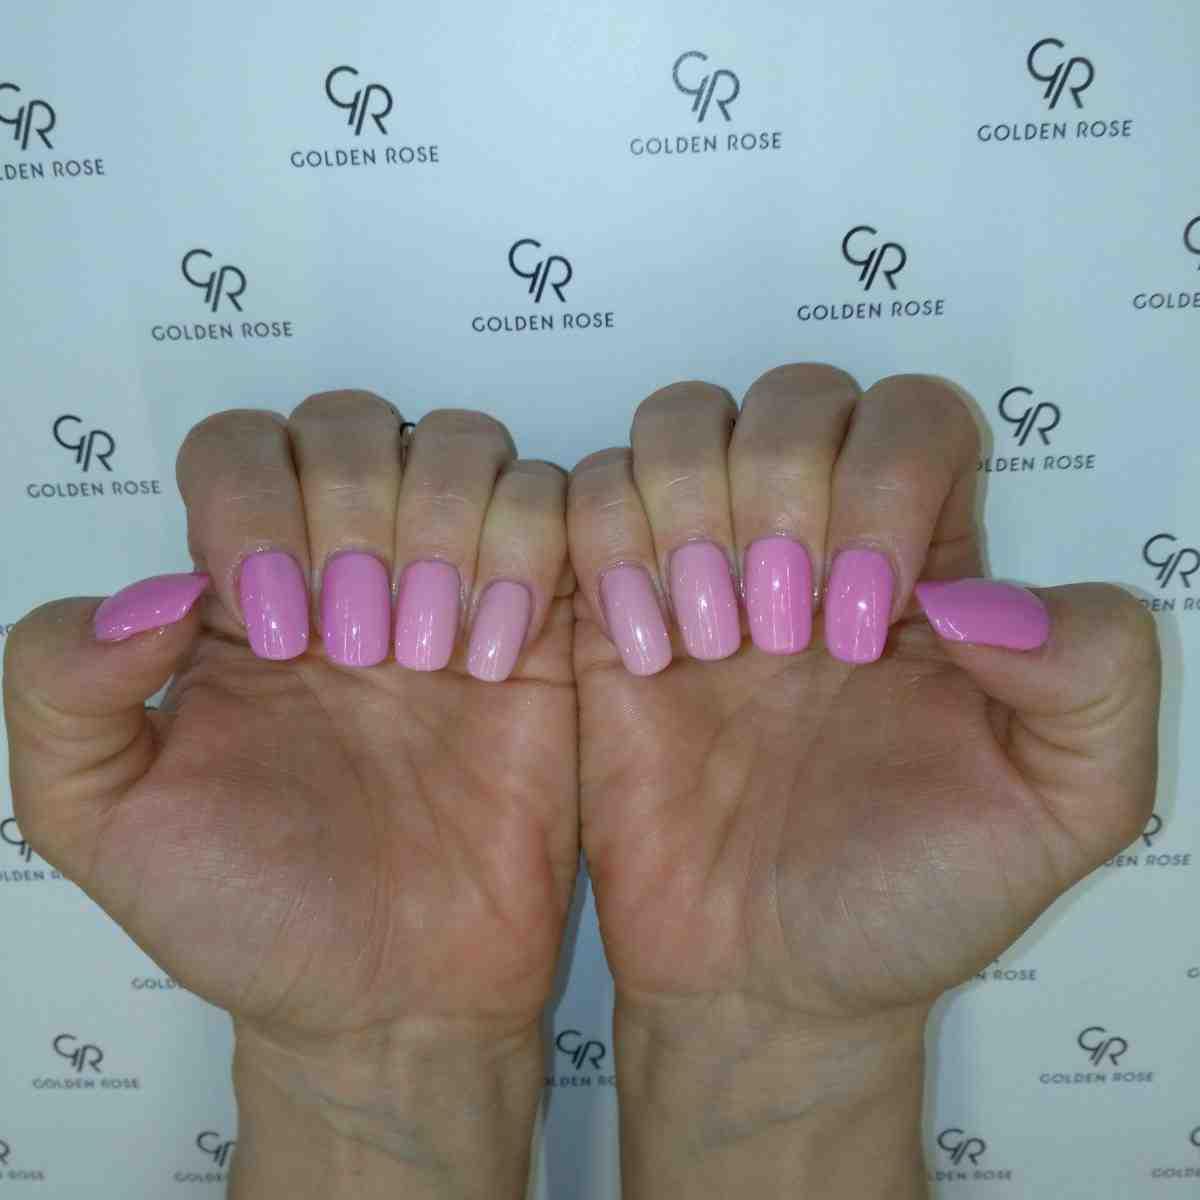 Stylizacja paznokci w czarujących kolorach różowego gradientu! Kolejna letnia propozycja manicure.